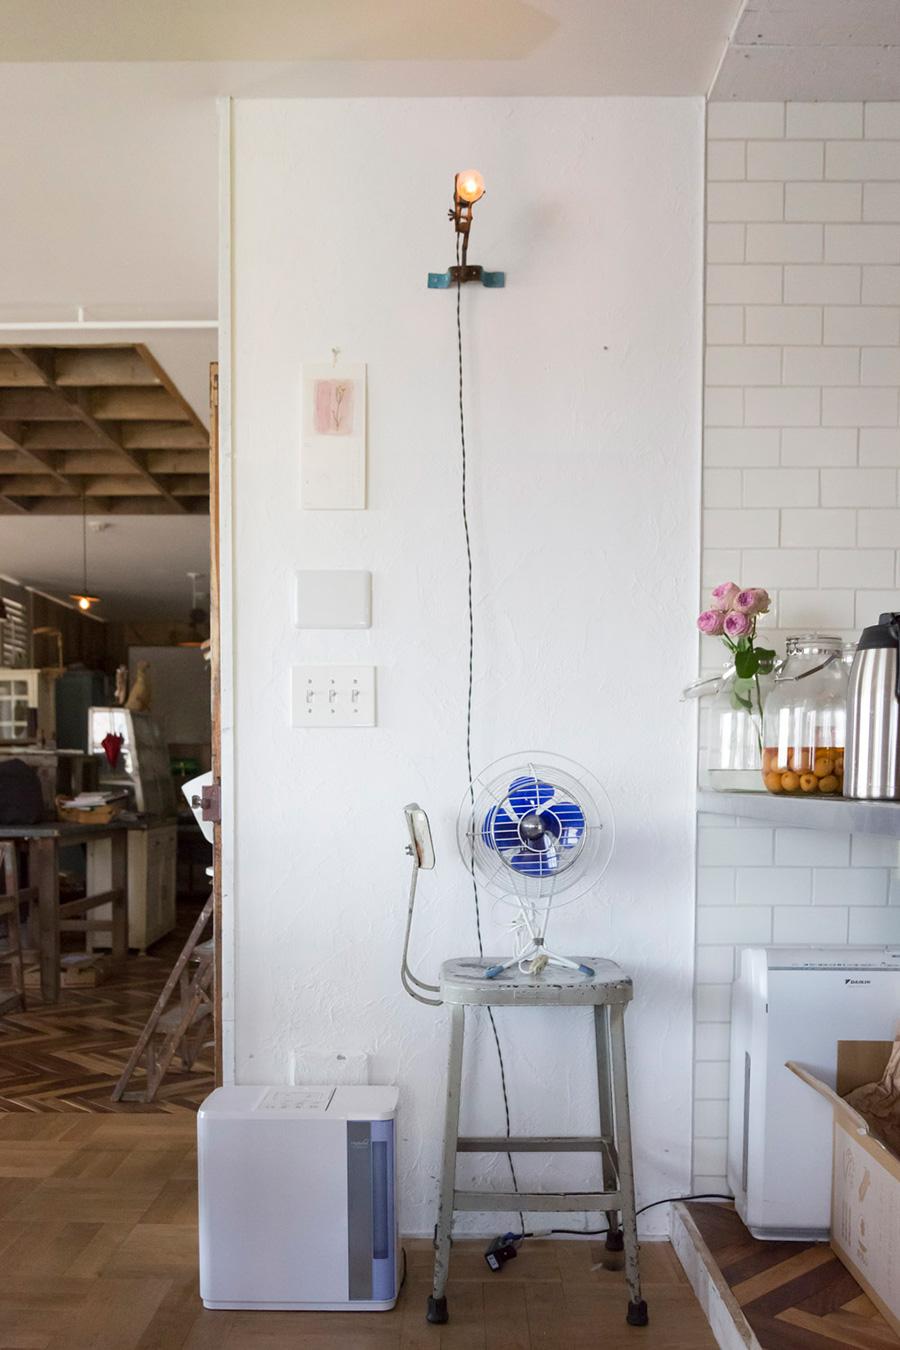 アンティークの万力で電球を挟んだだけのライト。ブルー✕白の家電が、白の漆喰の壁の前に収まる。